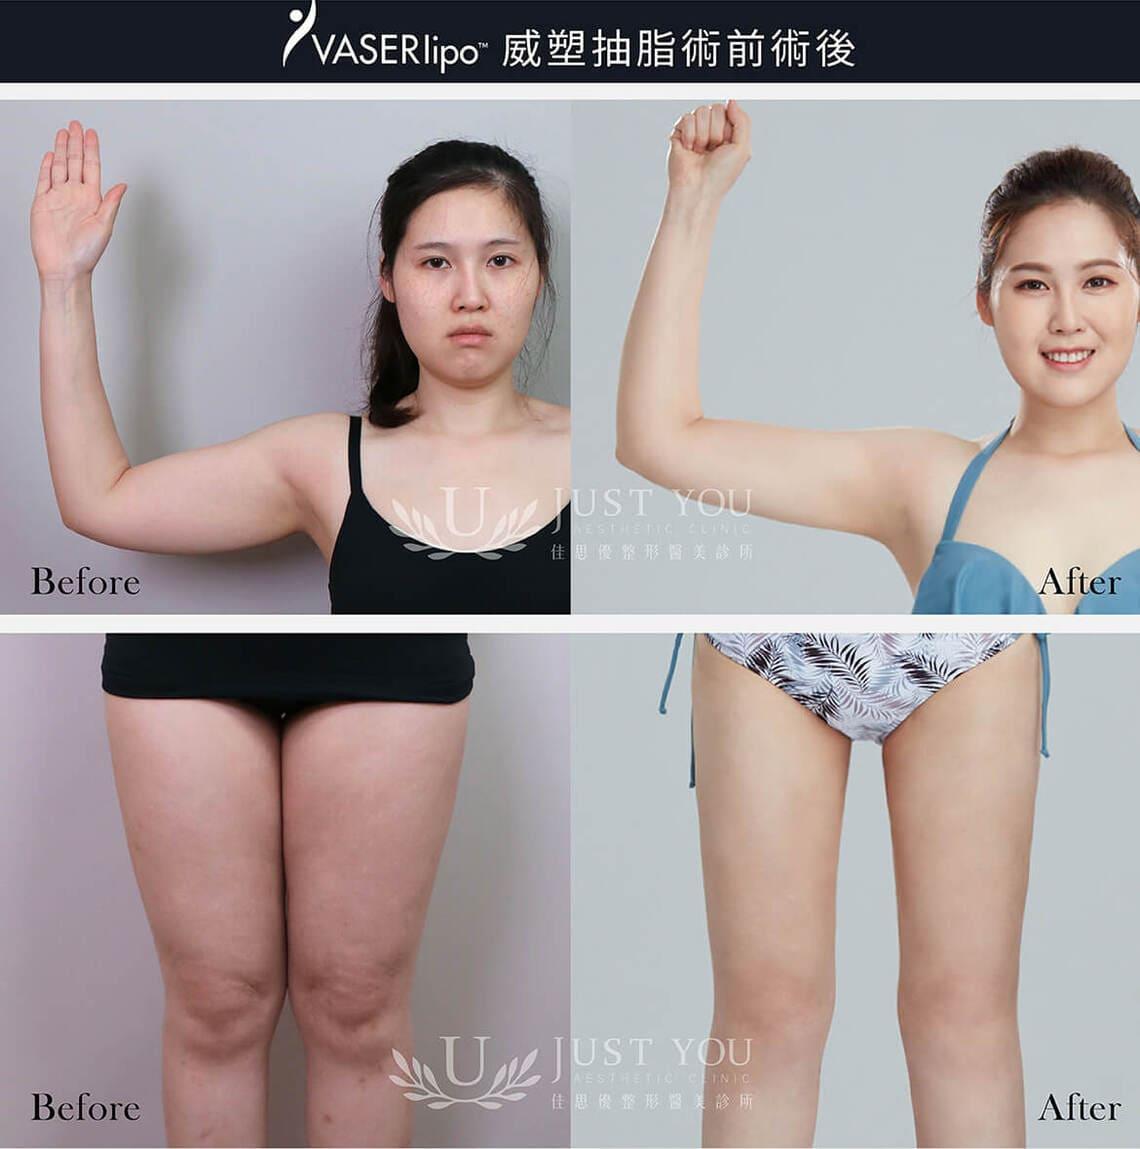 佳思优整形医美诊所VASER2.2 二代威塑抽脂李兆翔医师蝴蝶袖大腿手术案例